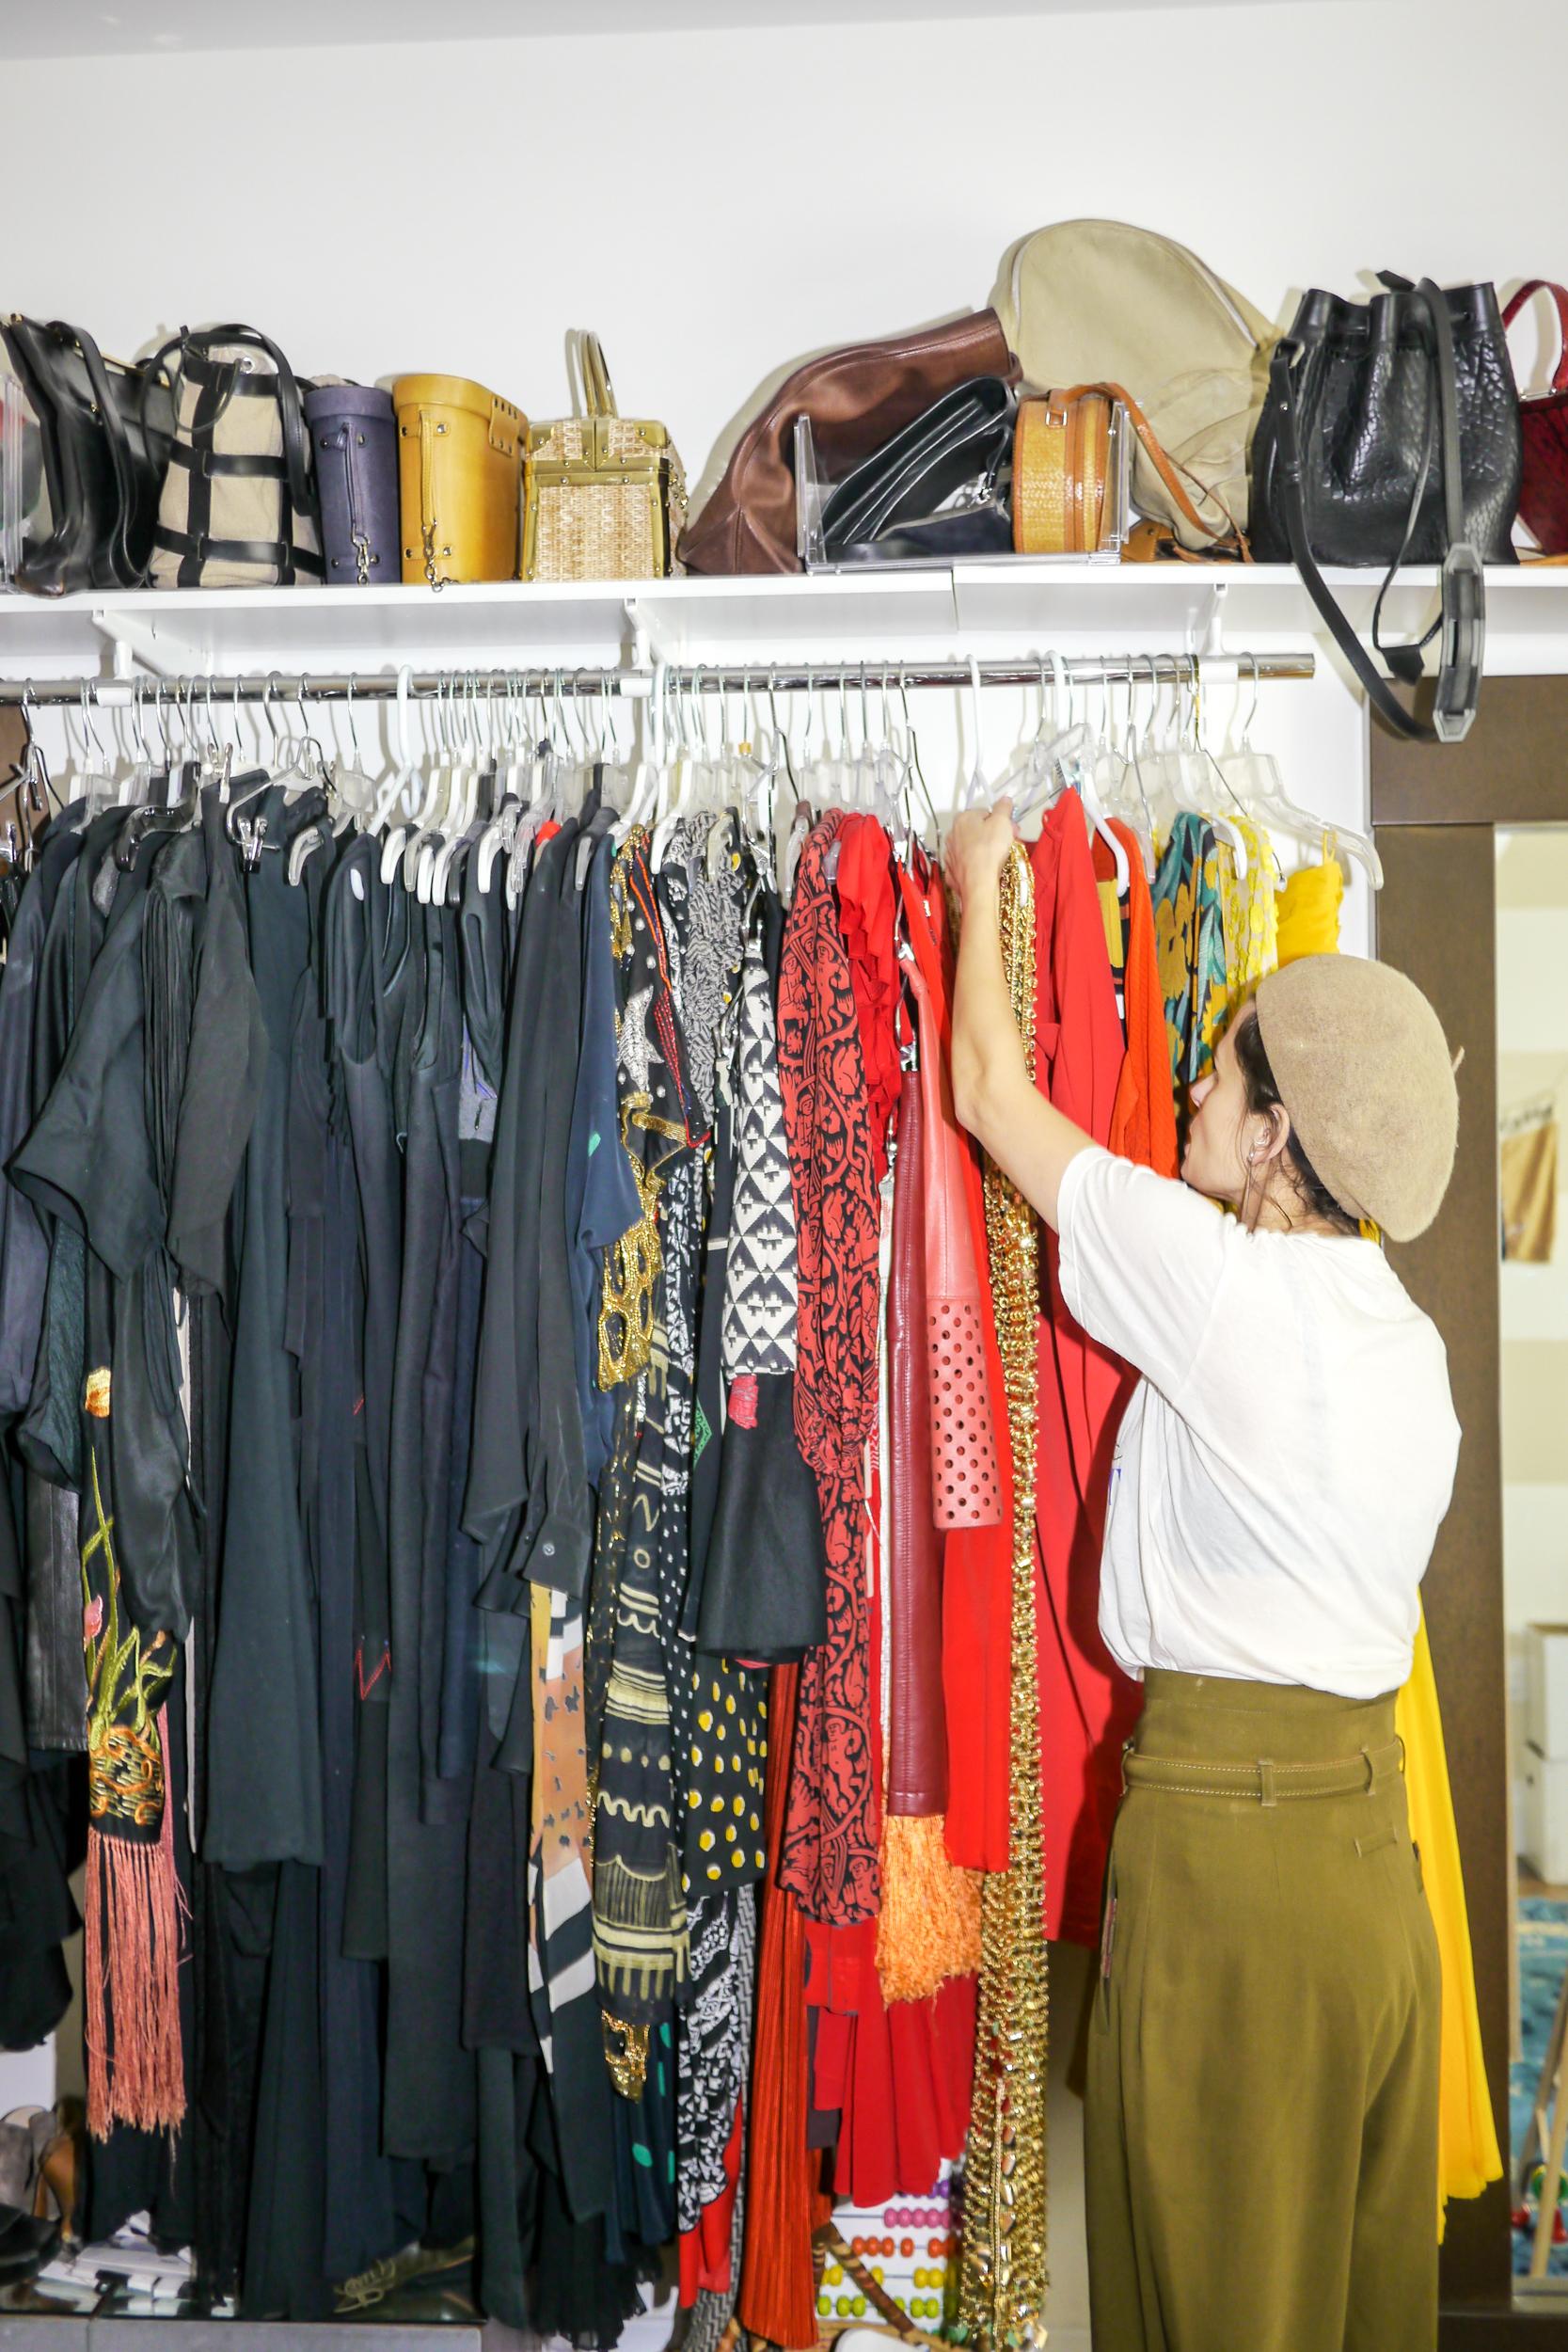 Shirt, MONOGRAM;    Earrings, Mango   ; Pants, Vintage Gaultier; Beret, Vintage